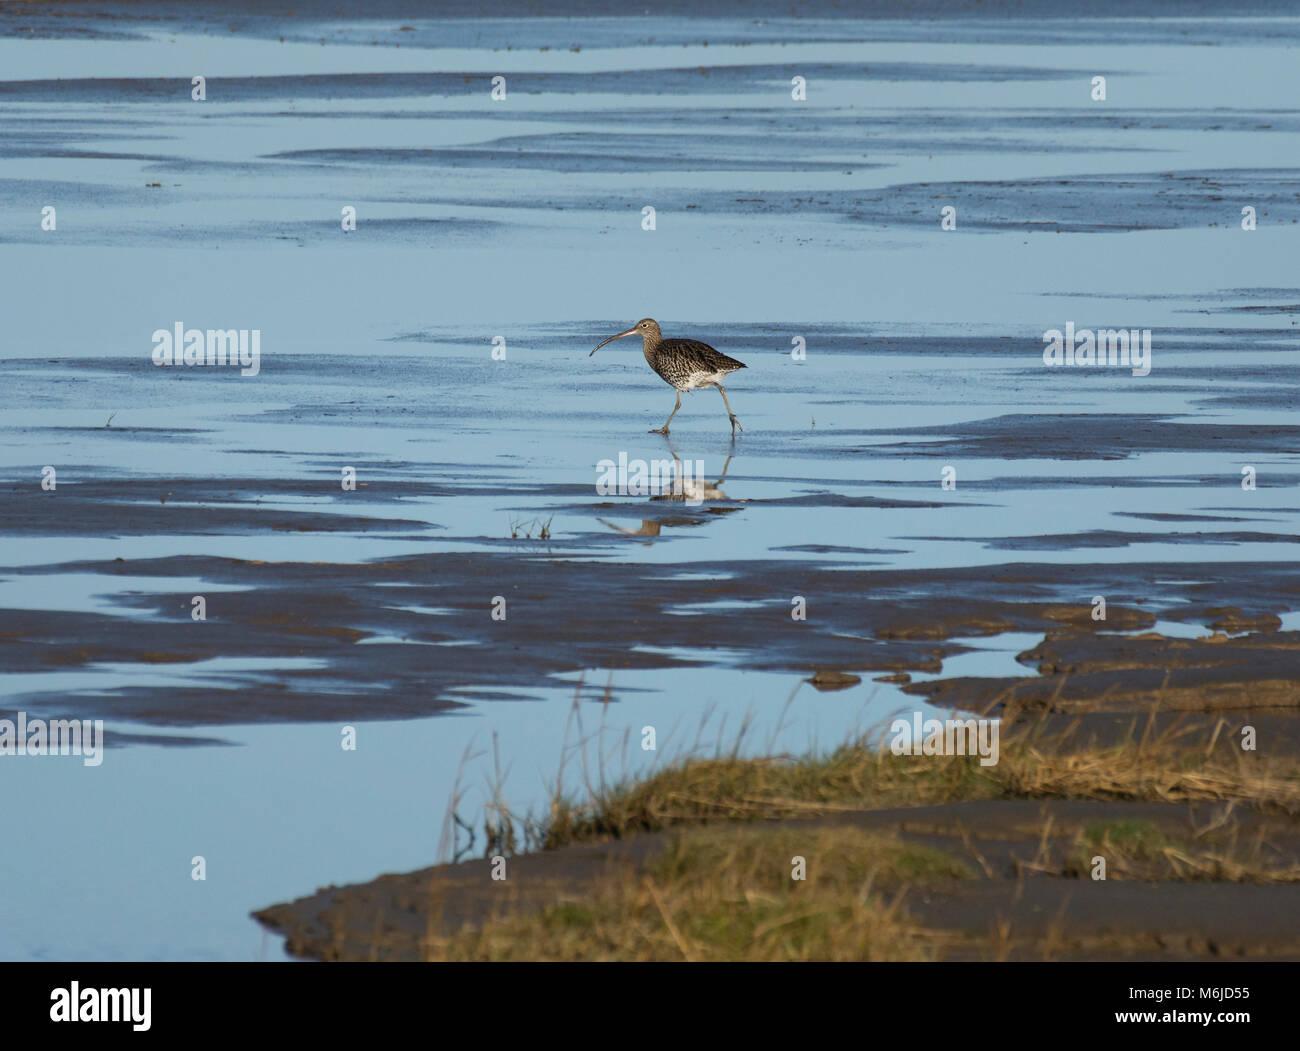 Curlew, Numenius arquata, foraging in salt marsh, Morecambe Bay, Lancashire, UK Stock Photo